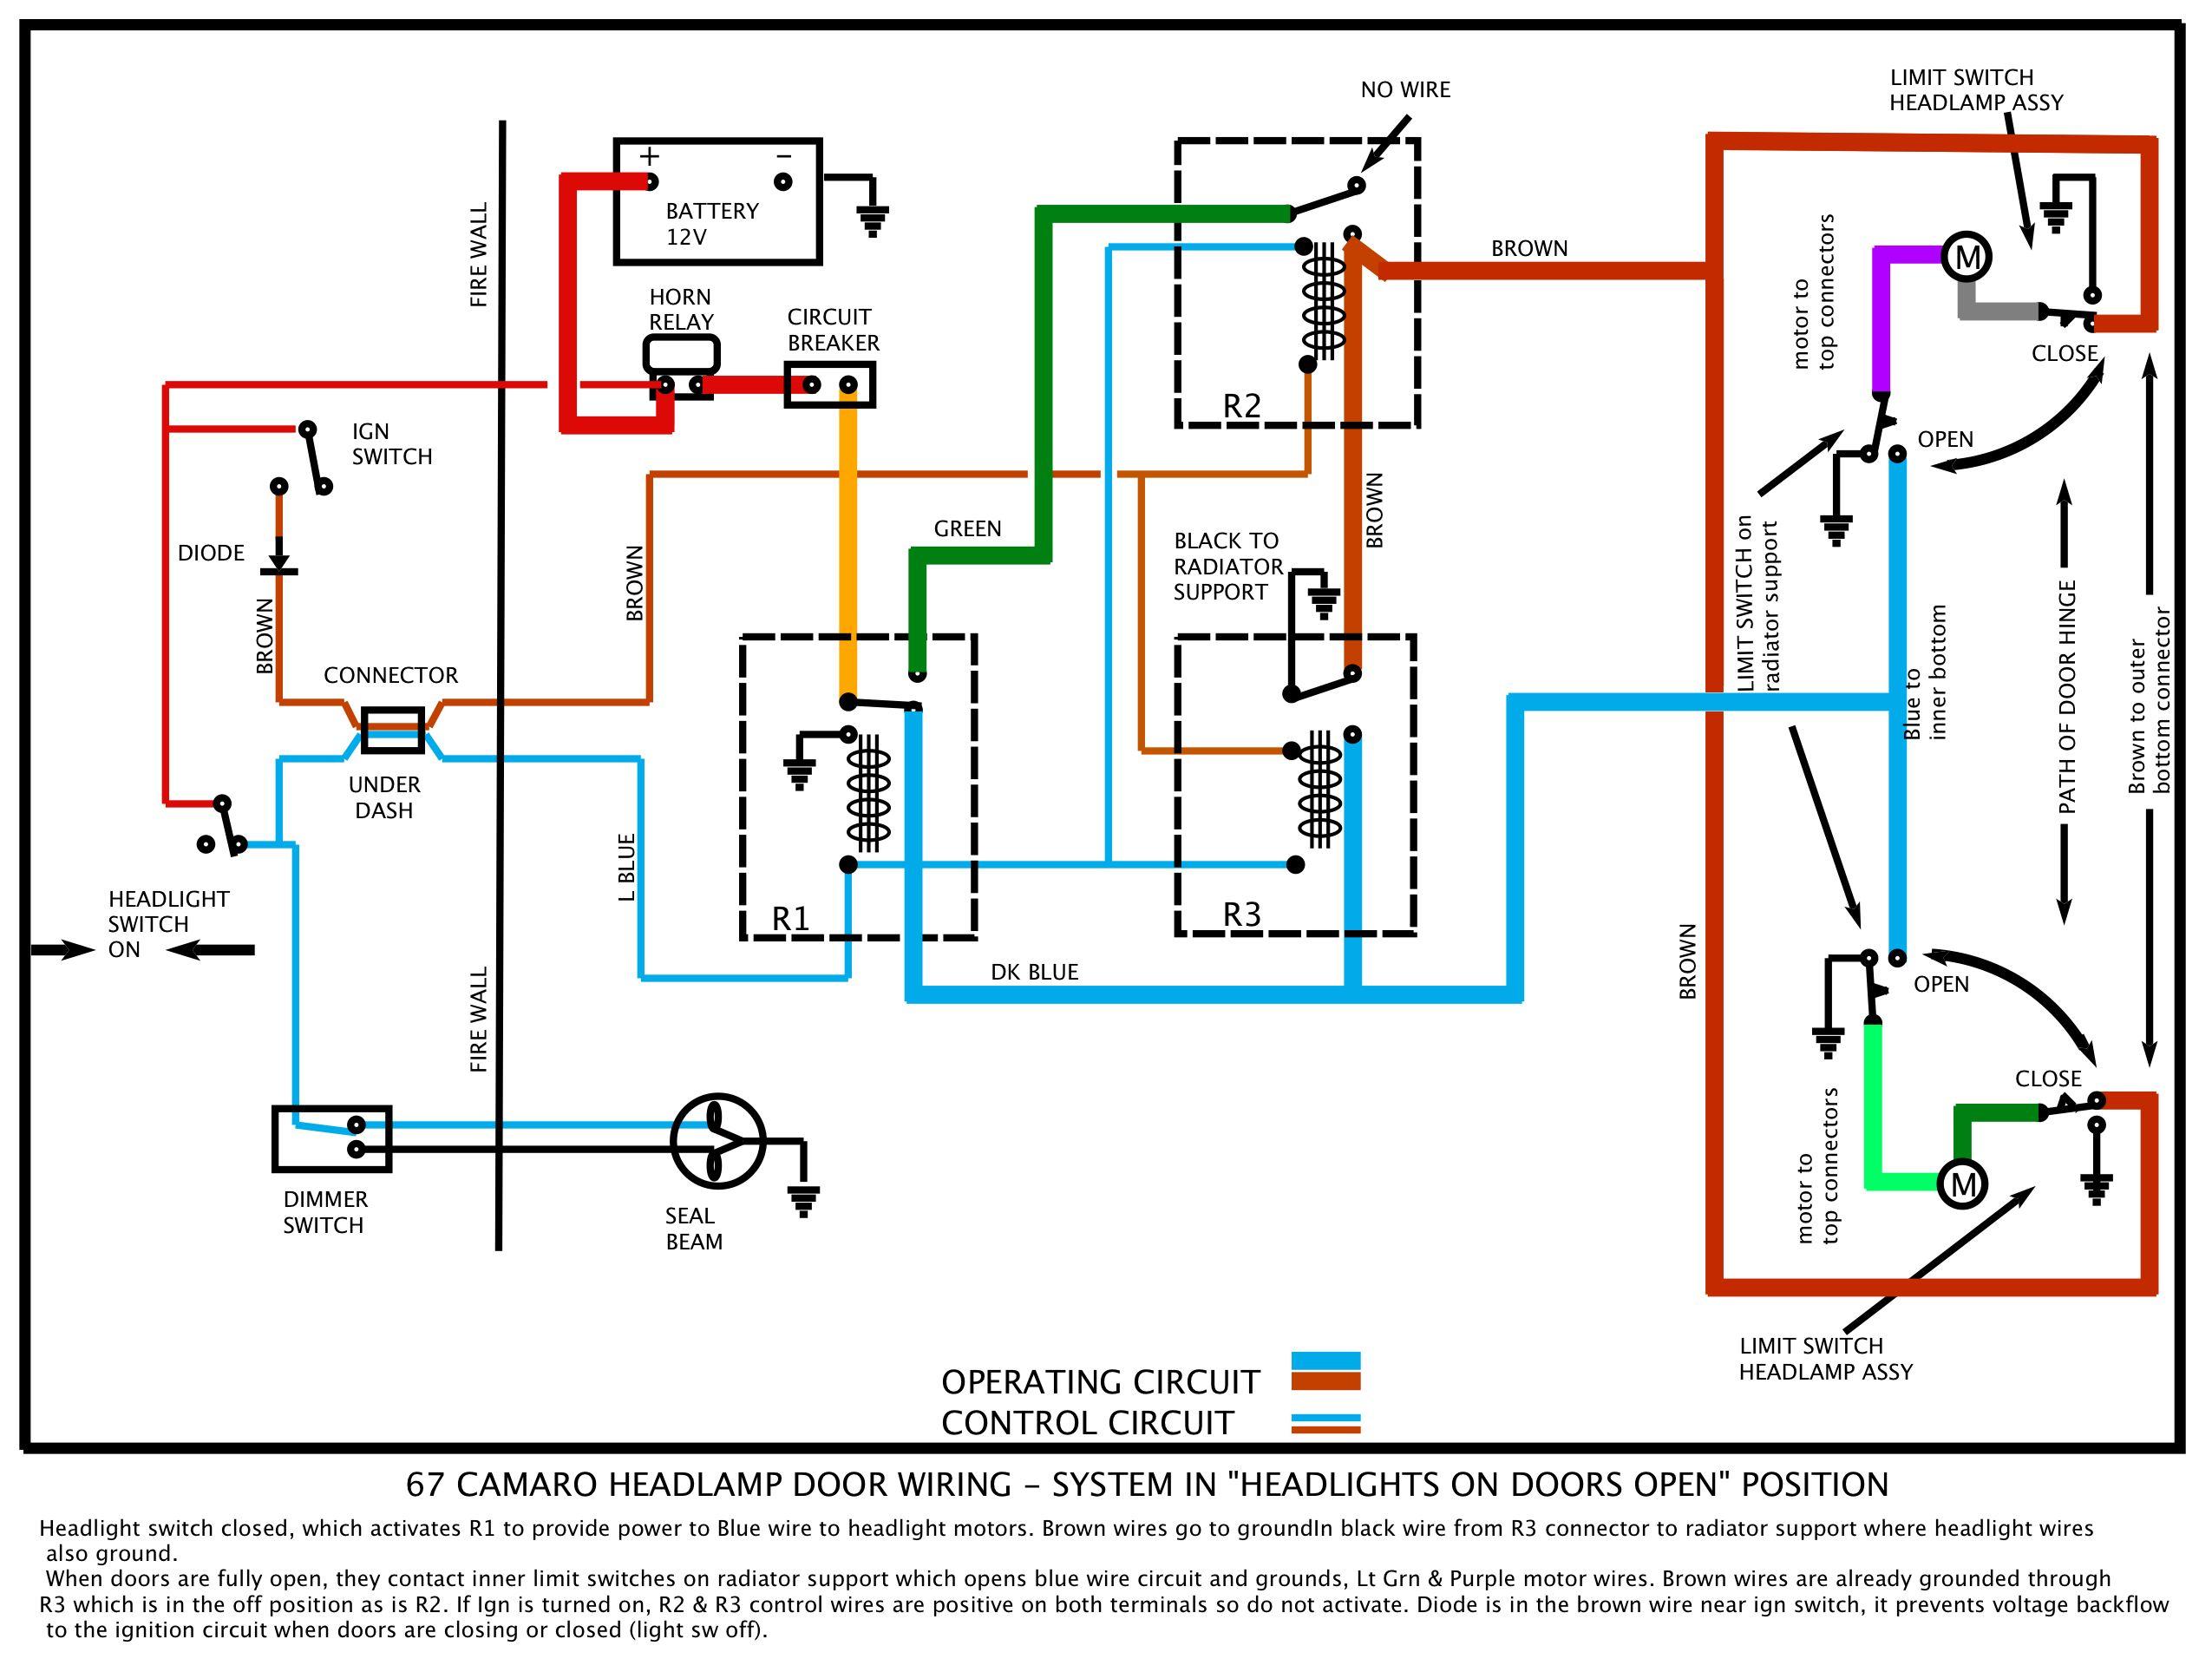 Freightliner Headlight Wiring Diagram | Wiring Diagram - Freightliner Headlight Wiring Diagram